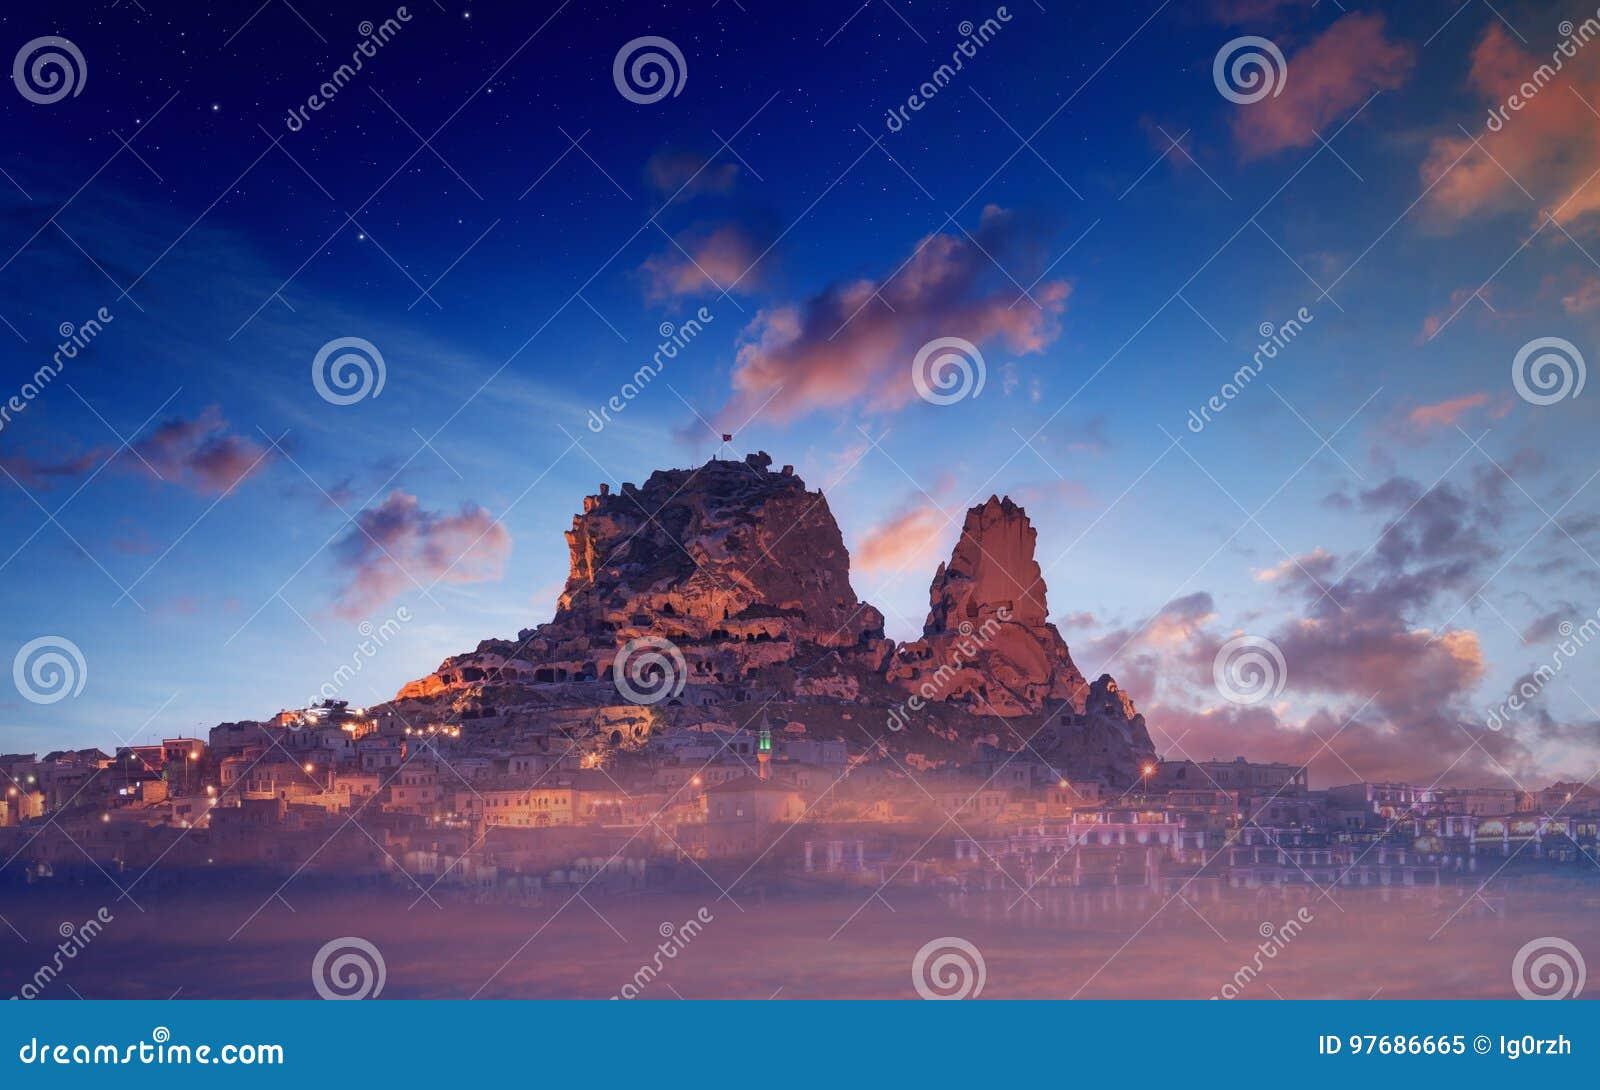 Castillo de Uchisar en roca en la ciudad antigua, Cappadocia, Turquía